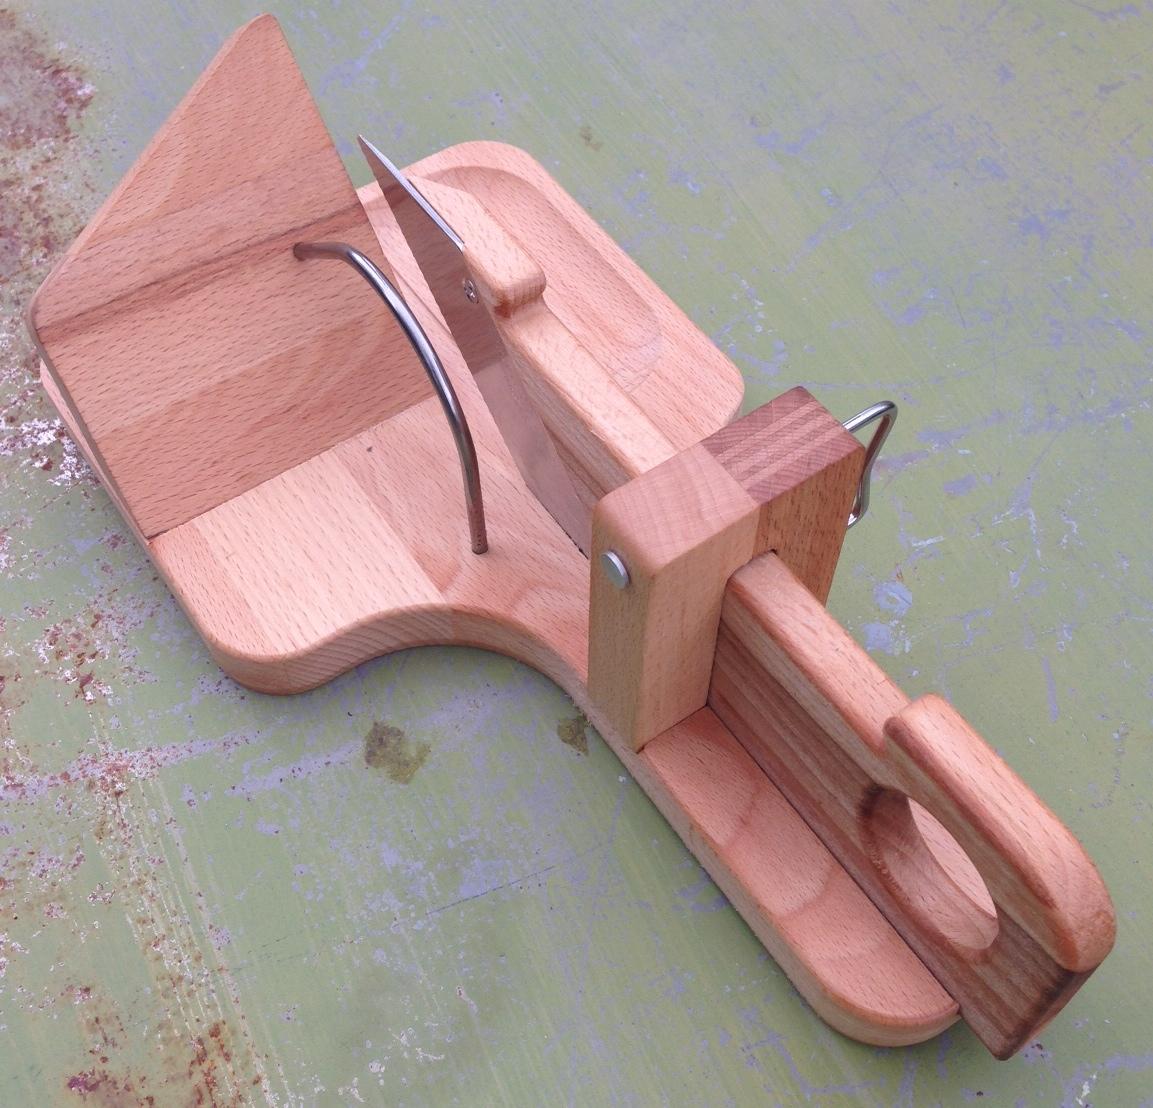 couteau guillotine saucisson so apero gaucher pour. Black Bedroom Furniture Sets. Home Design Ideas